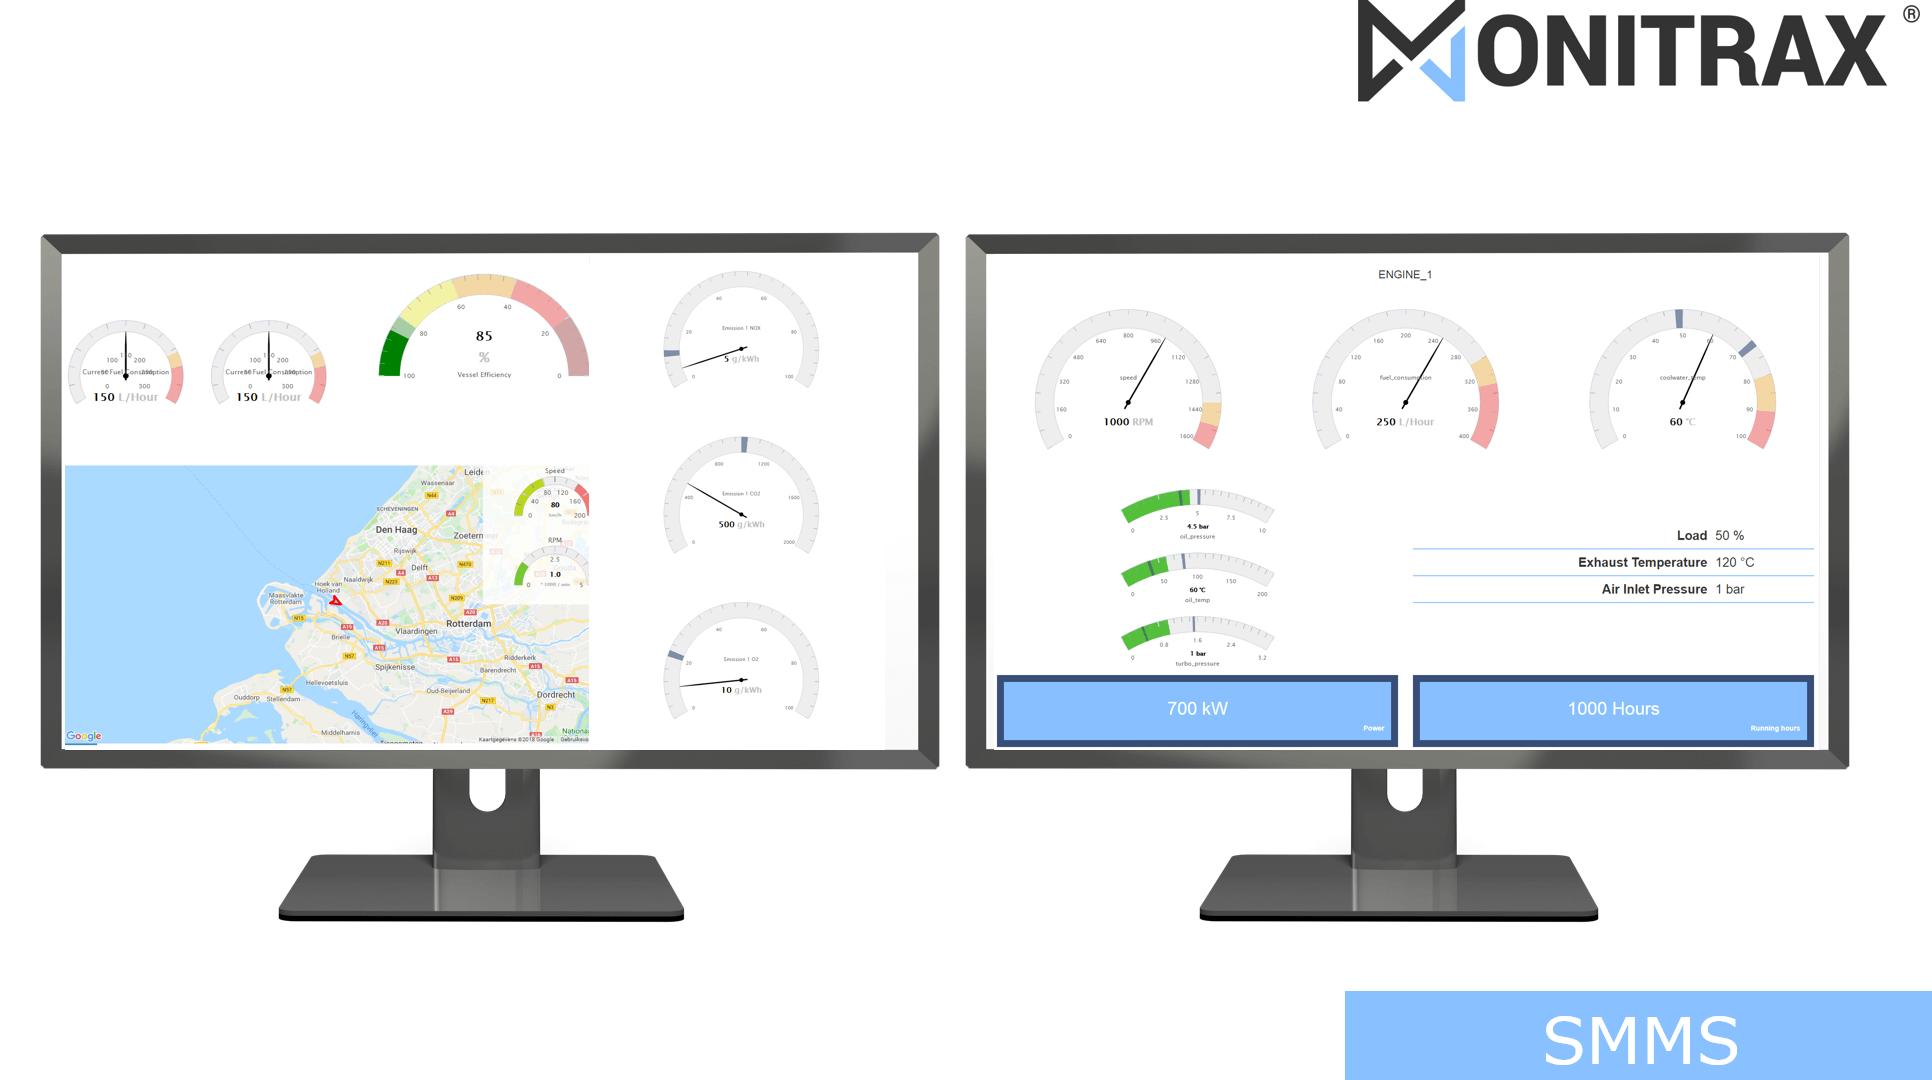 Sensors + Software to monitor and display shipdata